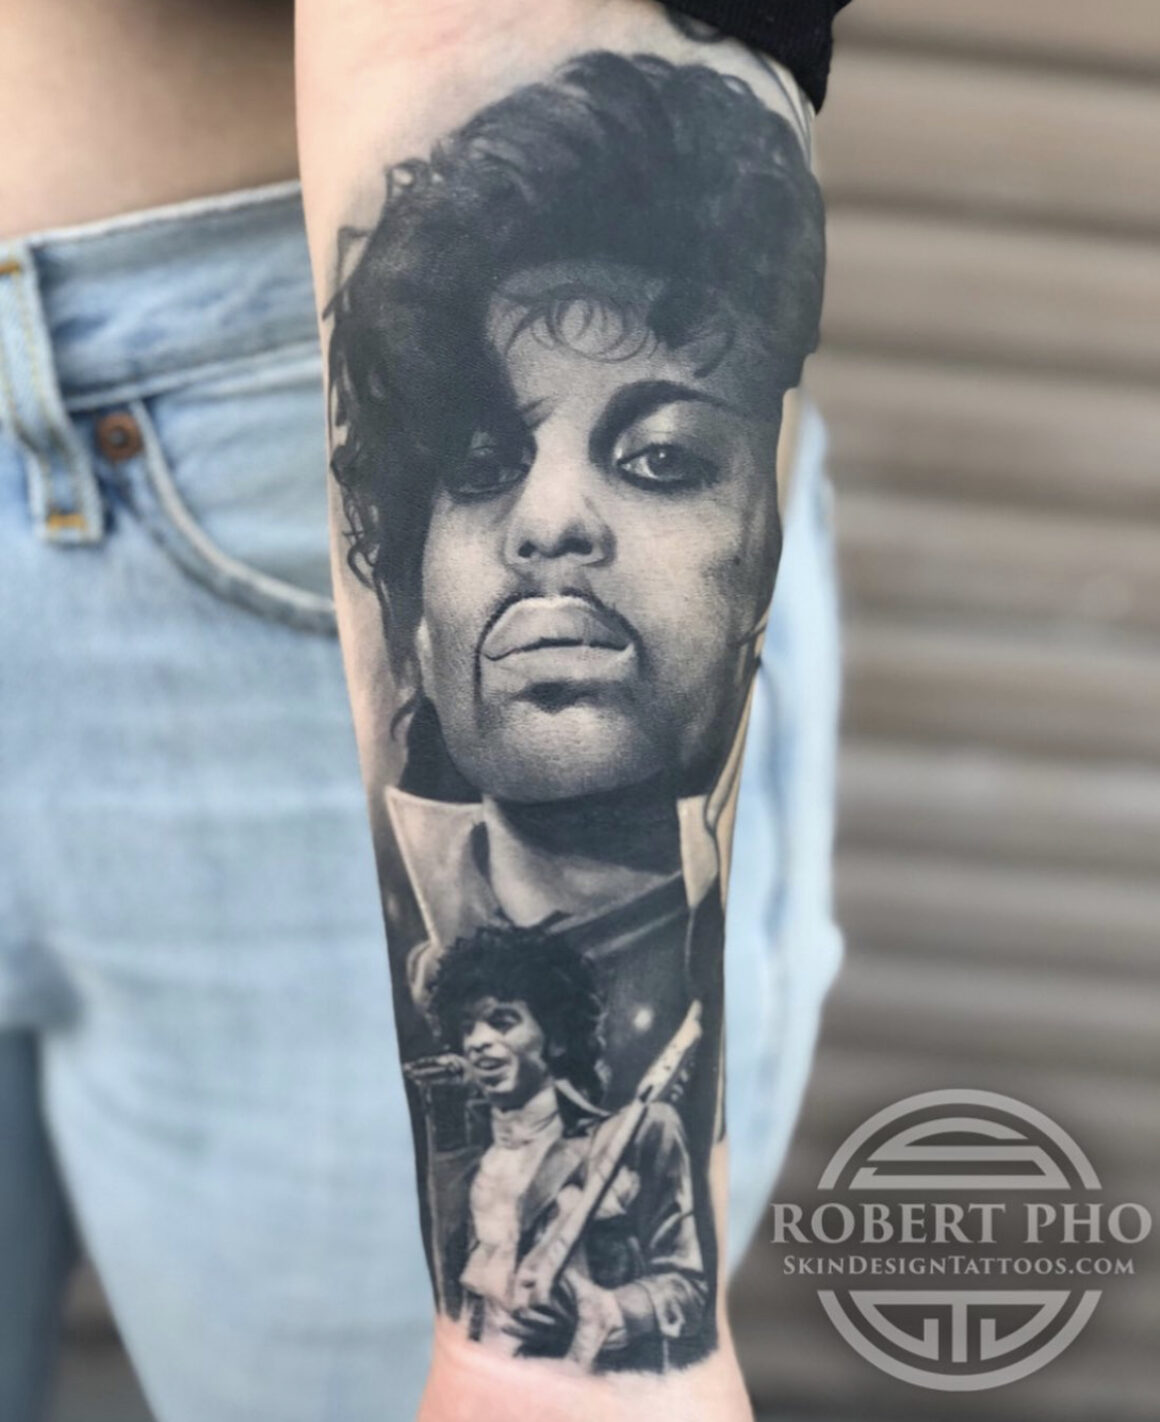 Robert Pho, Skin Design Tattoos, Las Vegas, USA